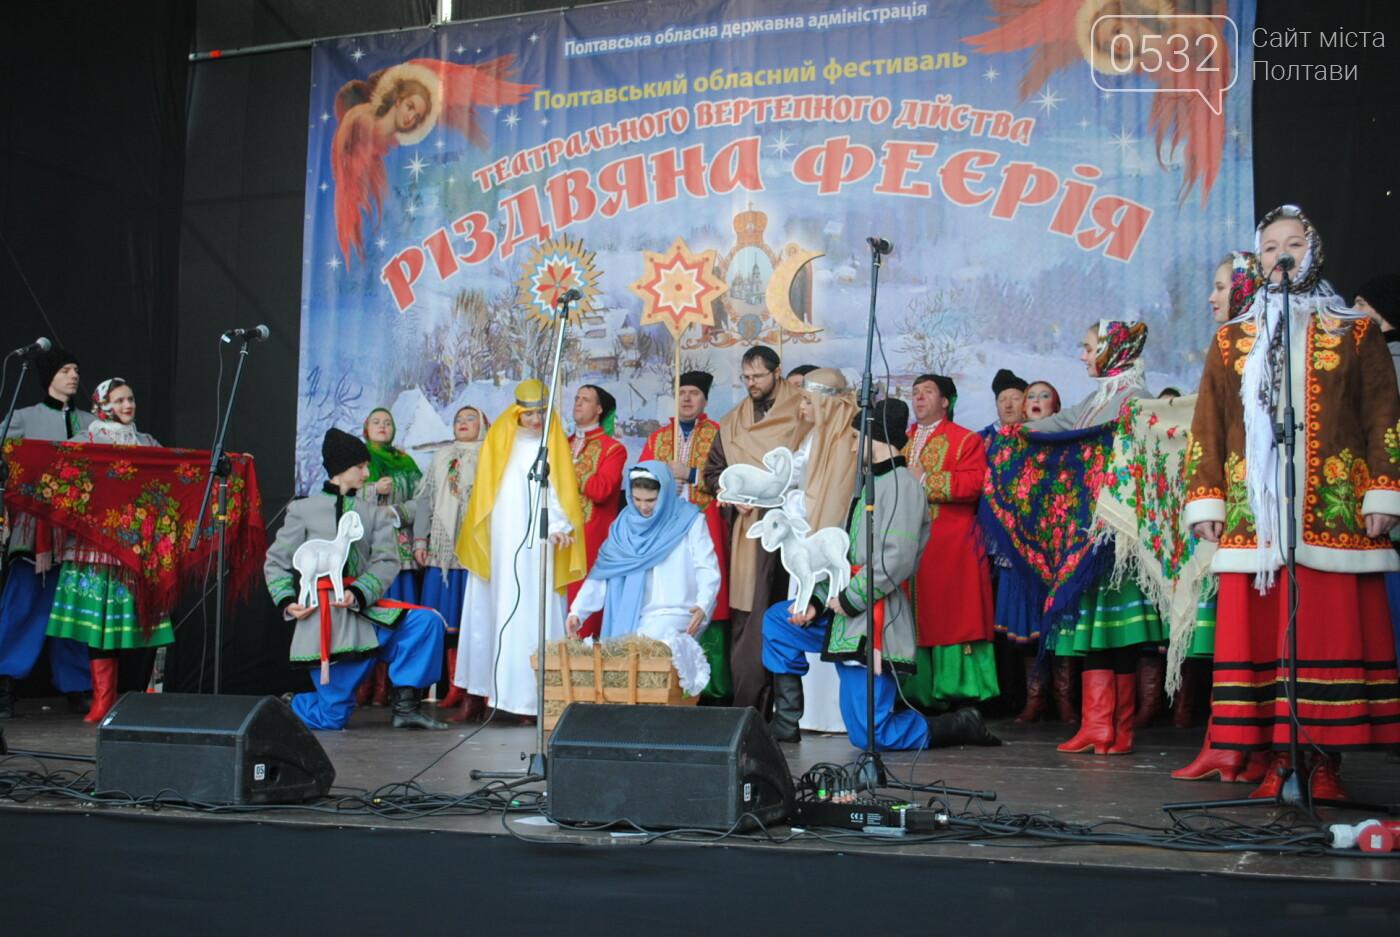 У Полтаві розгорнулося вертепне дійство з колядками та щедрівками «Різдвяна феєрія» (ФОТО), фото-28